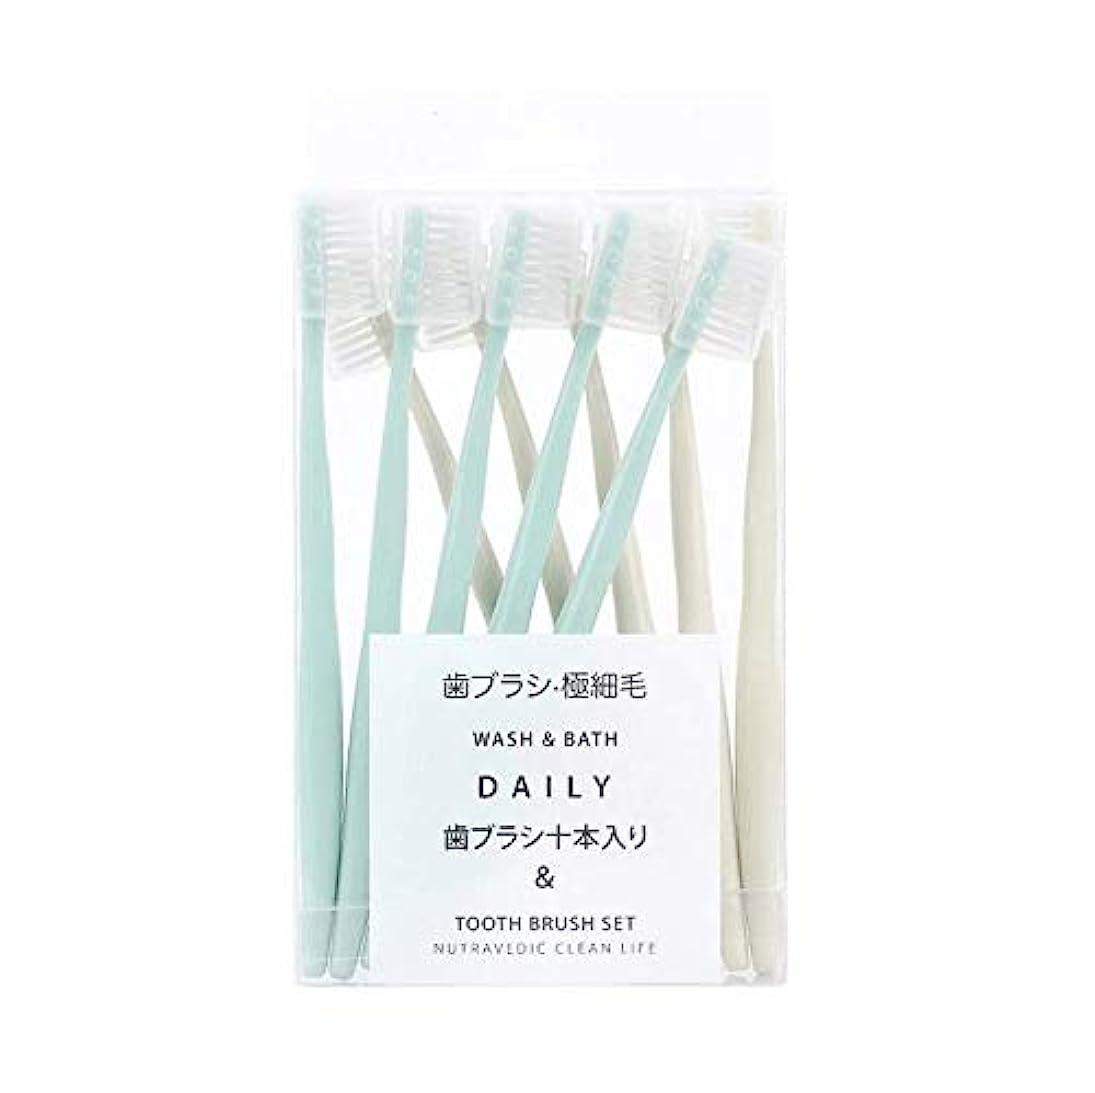 入手しますつかいます基準Childlike 歯ブラシ やわらかめ歯ブラシ天然の柔らかい ハブラシ 超コンパクト歯ブラシ 旅行用歯ブラシ 18.5cm 10パック